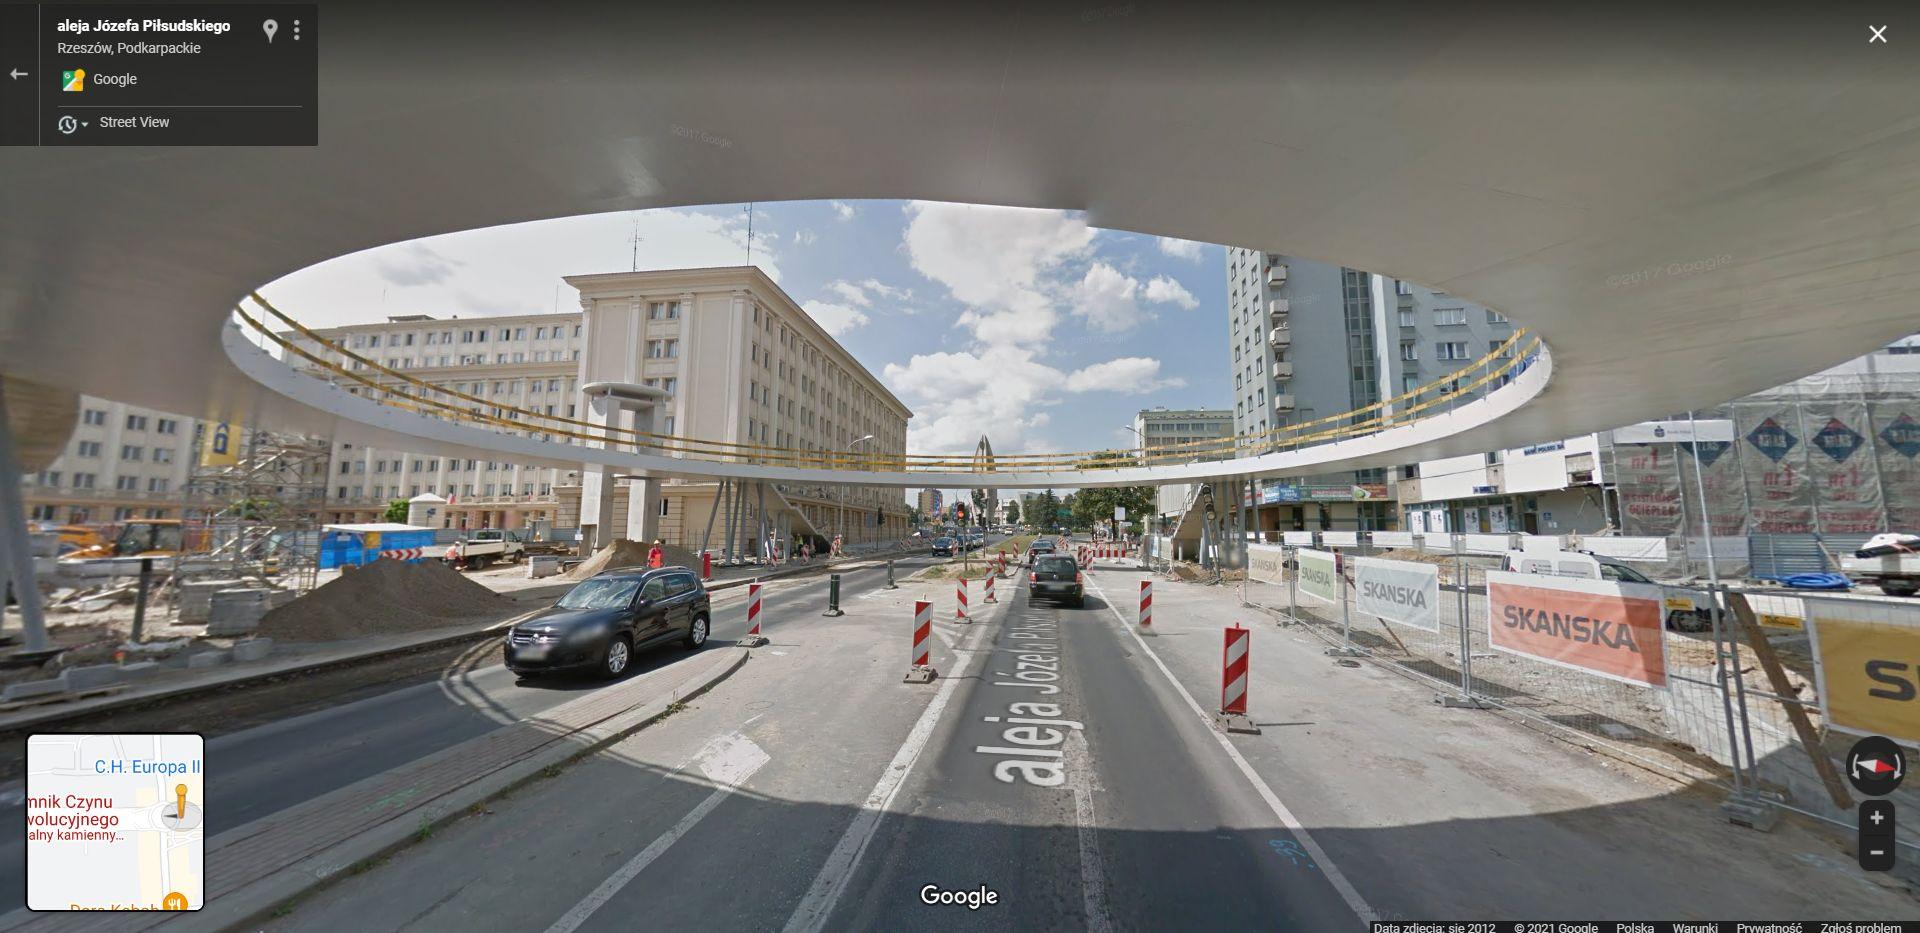 Zmieniające się podkarpackie miasta. Zobacz i porównaj fotografie z Google Street View [ZDJĘCIA] - Zdjęcie główne